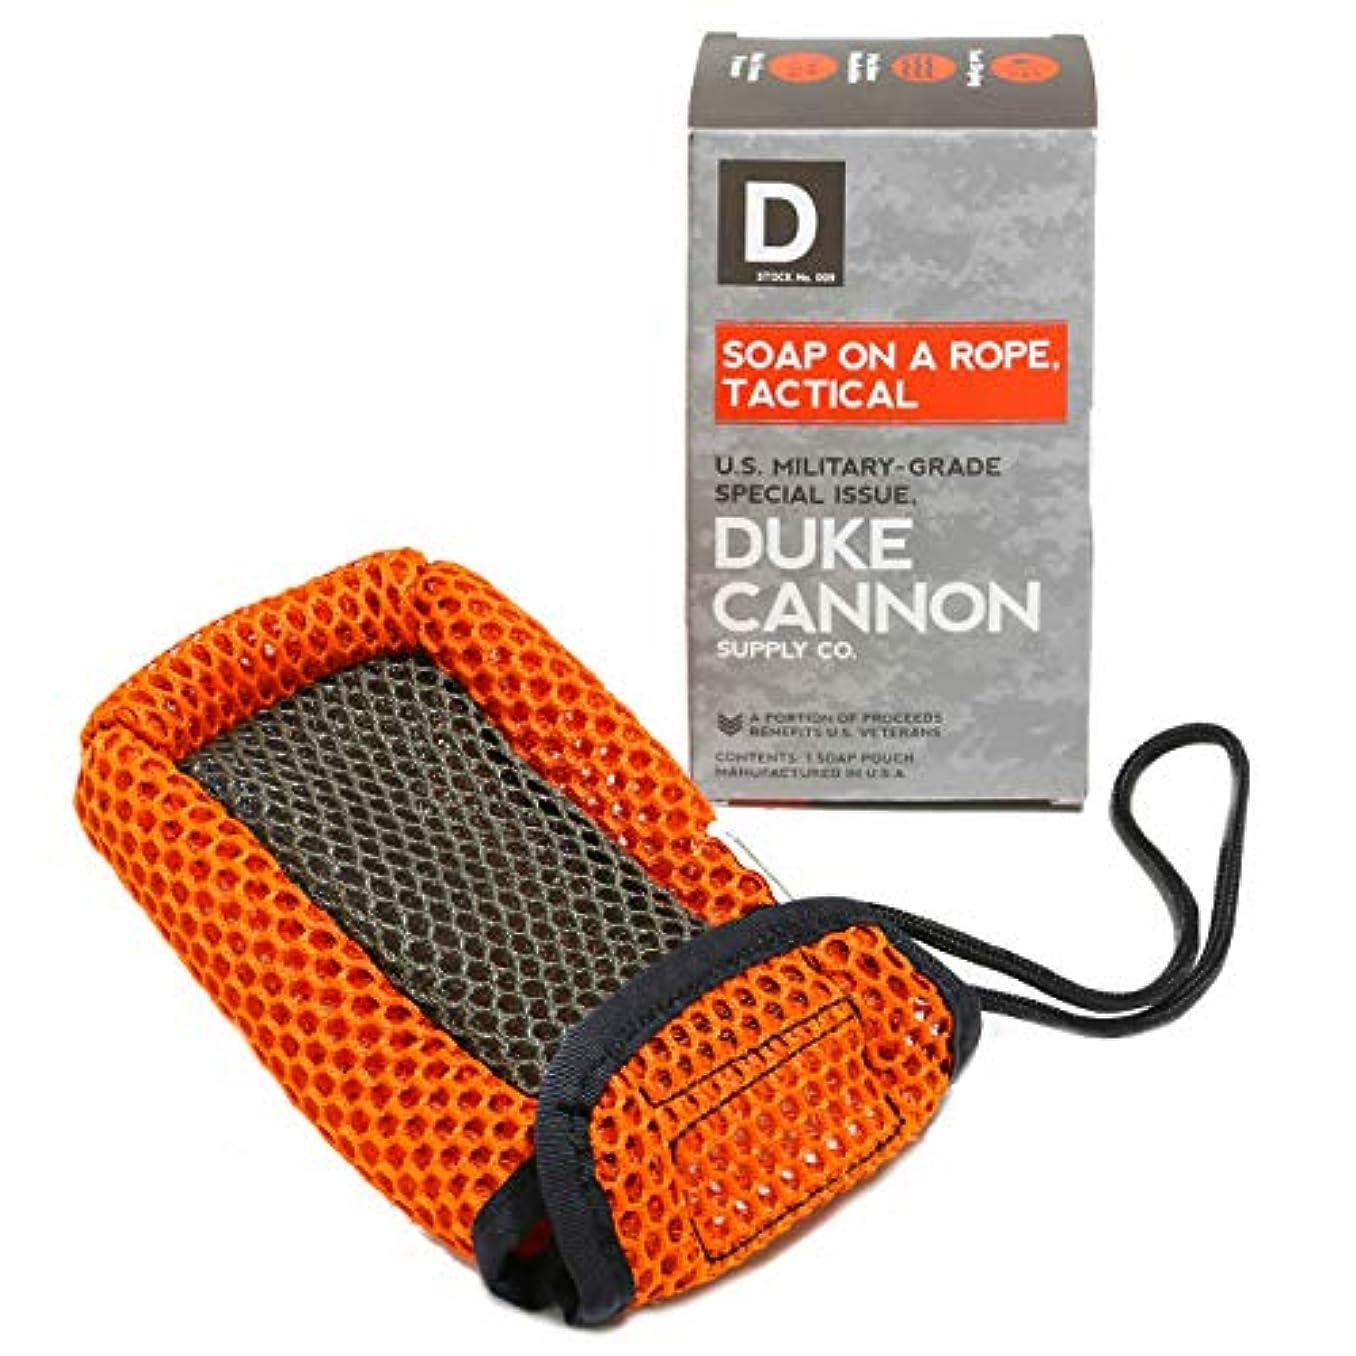 デモンストレーション改革ディーラーDuke Cannon ロープのポーチには戦術的なソープ